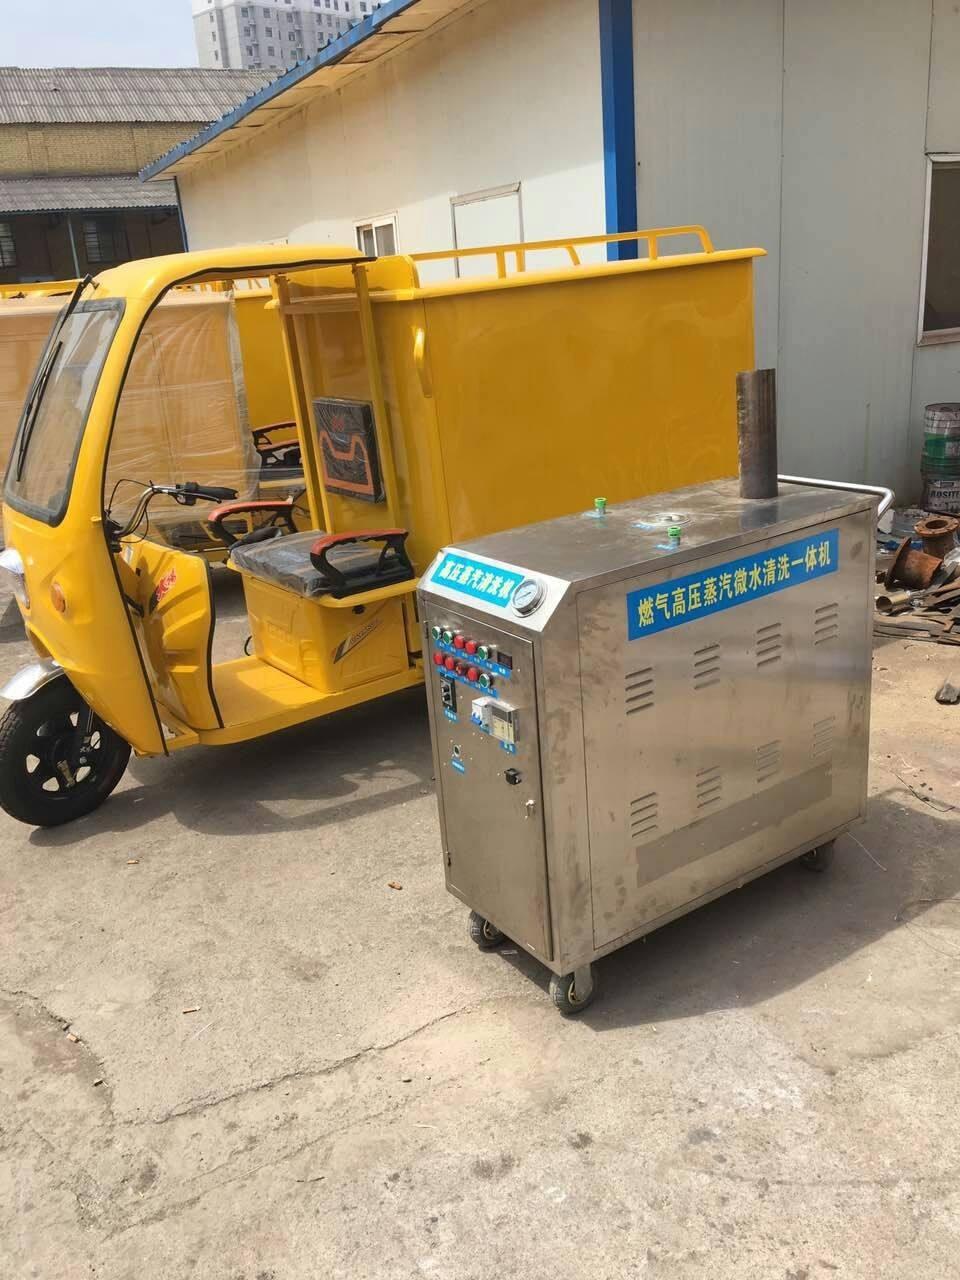 沐鸣2平台资讯投资高压蒸汽冷水一体洗车机收益怎么样